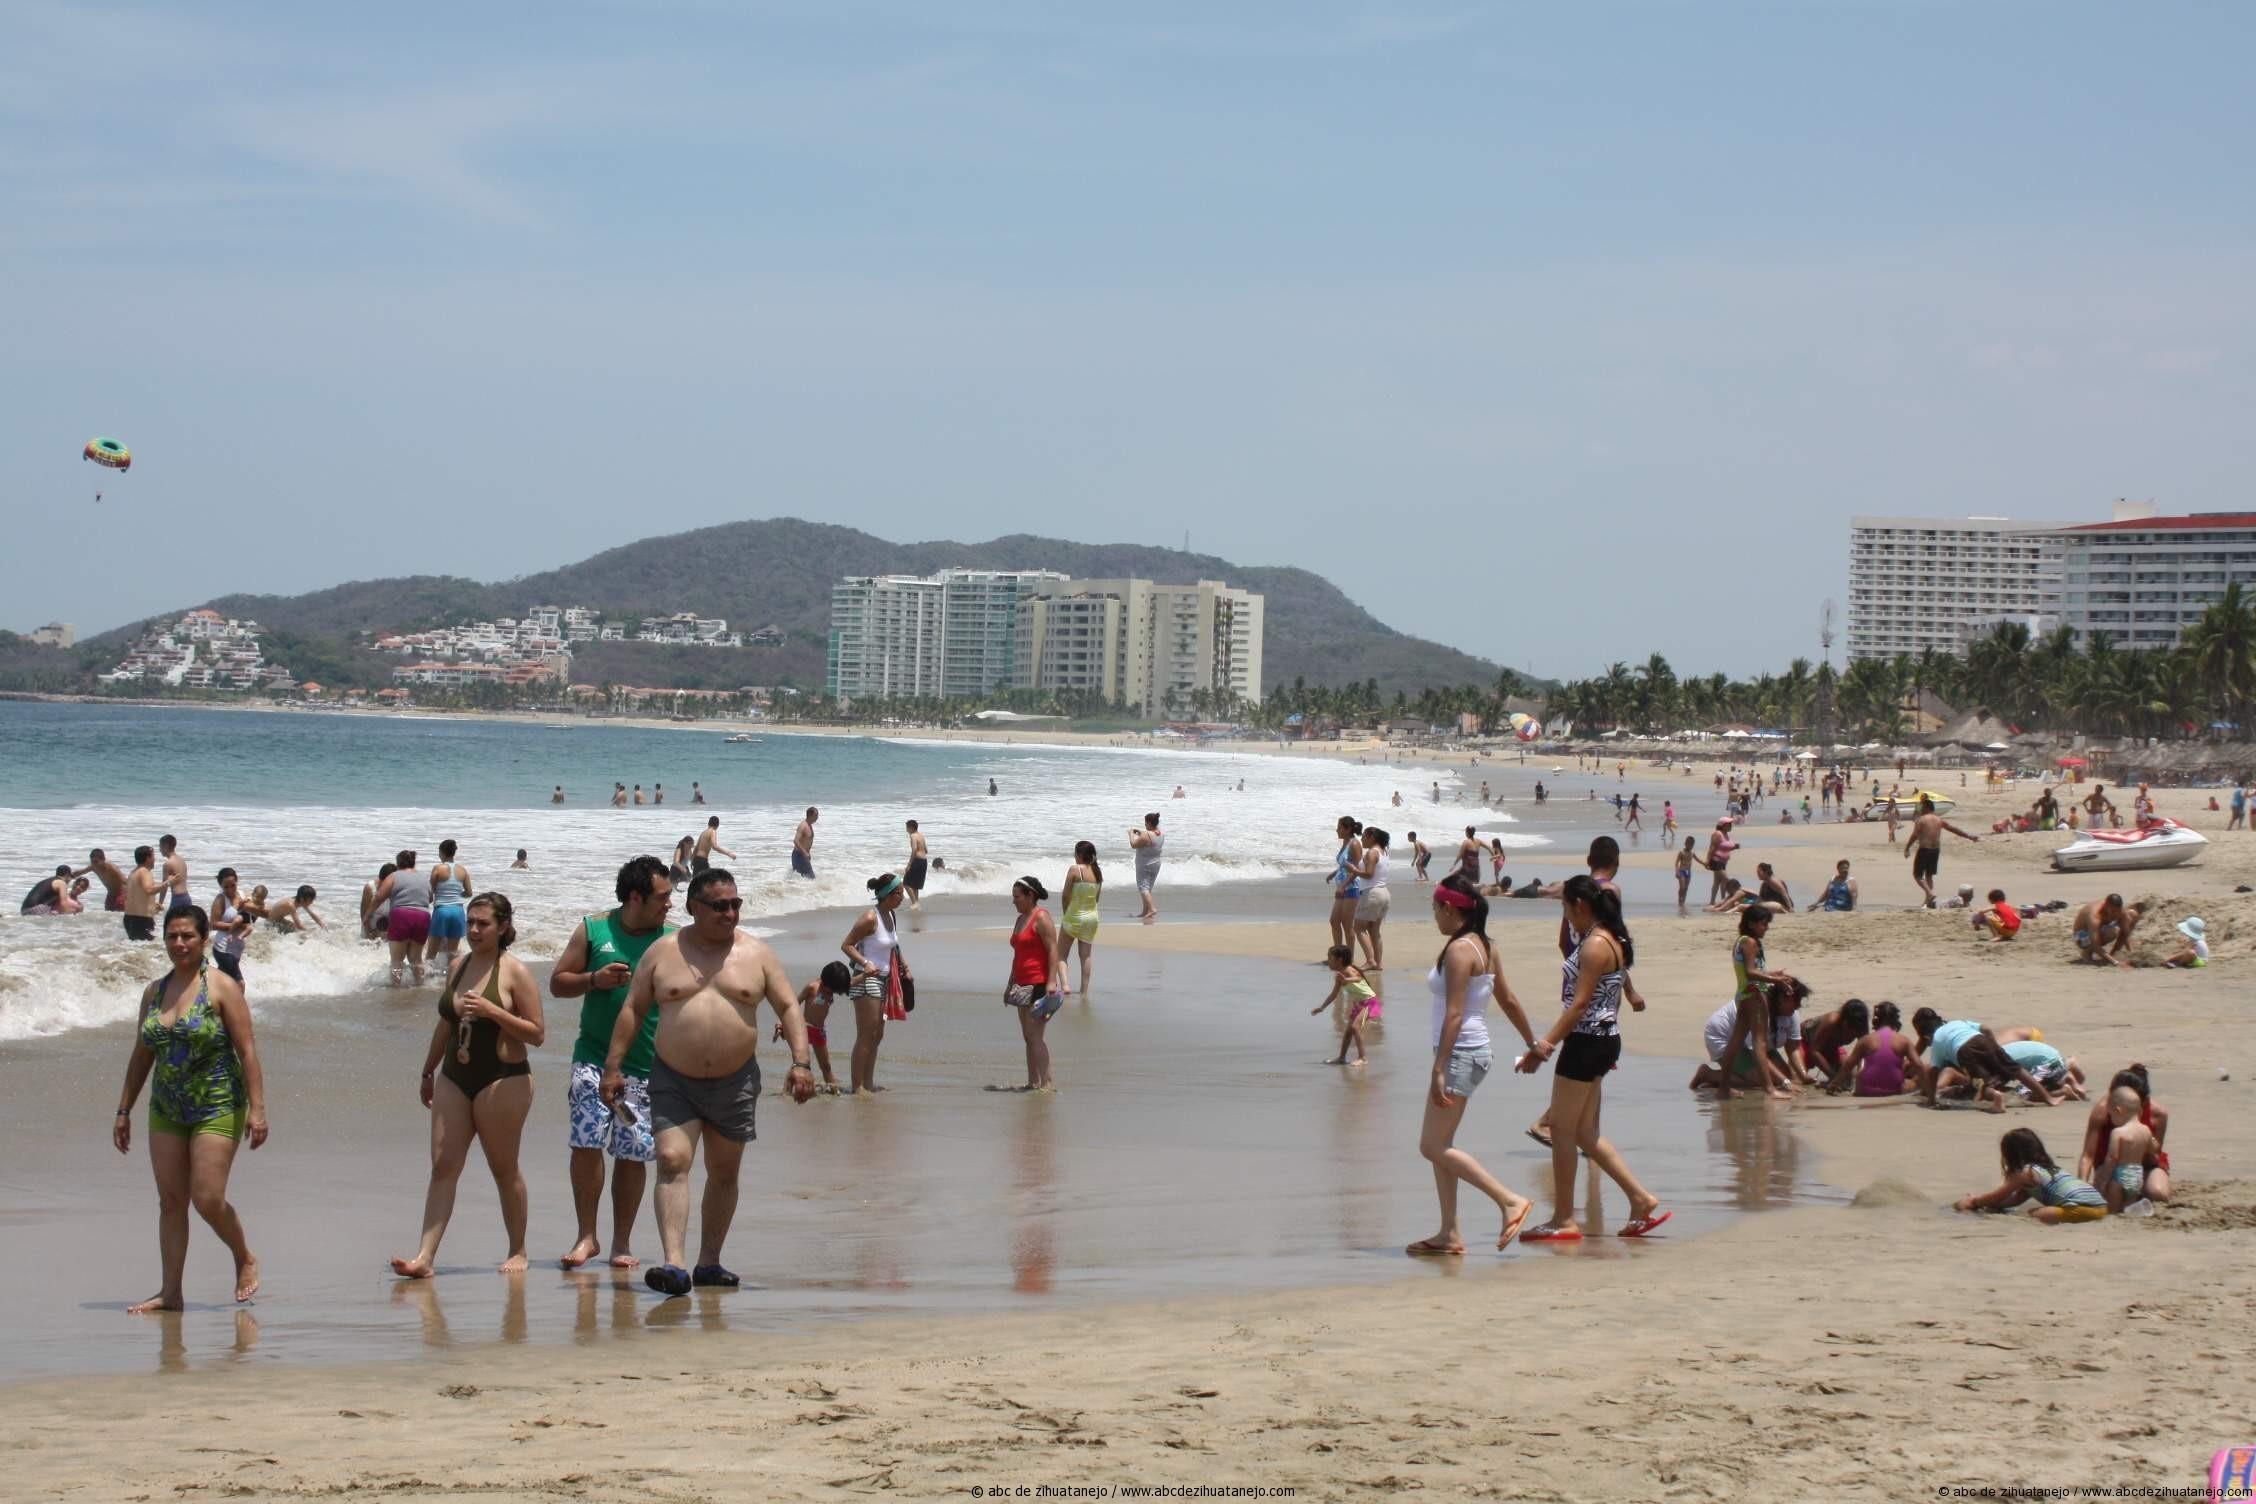 Buena Ocupación hotelera este fin de semana en Ixtapa